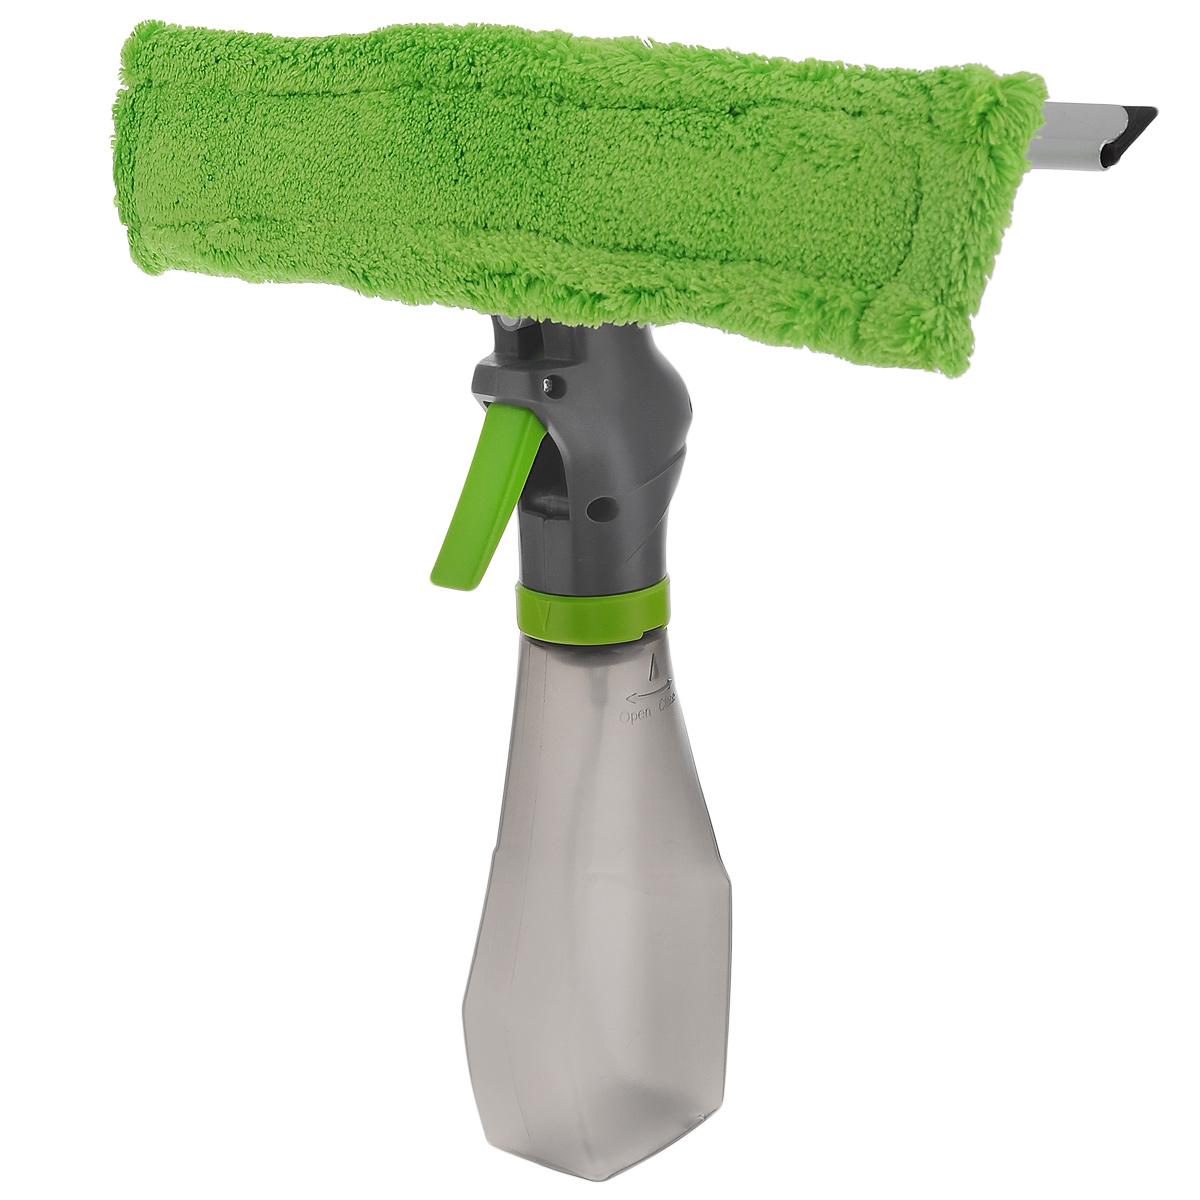 Стеклоочиститель Flatel, с распылителем и насадкой из микрофибры10503Стеклоочиститель Flatel, с распылителем и насадкой из микрофибры состоит из 3 частей: водосгона, насадки из микрофибры, емкости для жидкости. Прекрасно подойдет для влажной и сухой уборки - моет и полирует без разводов. Насадка из микрофибры чистит сильные загрязнения даже без моющих средств, а водосгон хорошо удаляет воду и пар. Стеклоочиститель подходит для домашнего использования, например, для мытья стекол, зеркал, душевых кабин, керамической плитки и уборки автомобиля. Насадка из микрофибры крепится на крепких липучках. Ее можно стирать в стиральной машине при температуре 60°C или вручную. Стеклоочиститель оснащен удобной емкостью, которая позволяет дозировать нужное количество воды или моющего средства. Длина водосгона: 25 см. Длина насадки из микрофибры: 26 см. Объем емкости: 250 мл.